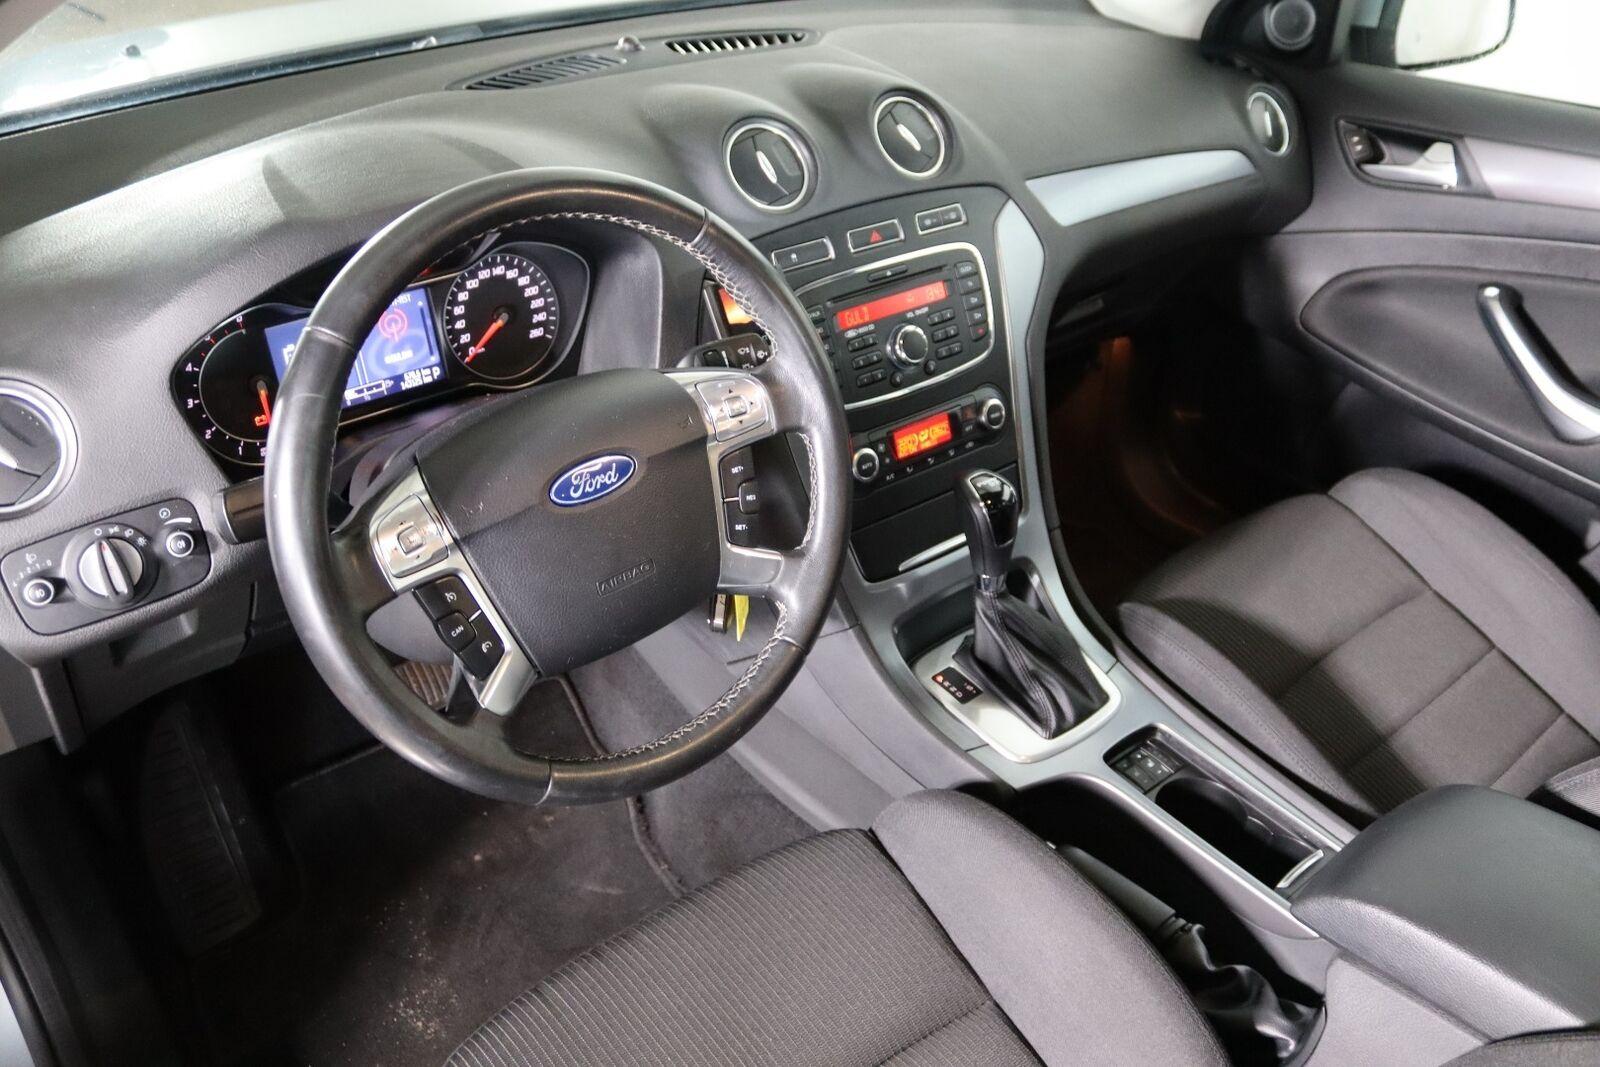 Ford Mondeo 2,0 TDCi 163 Titanium stc. aut. - billede 5